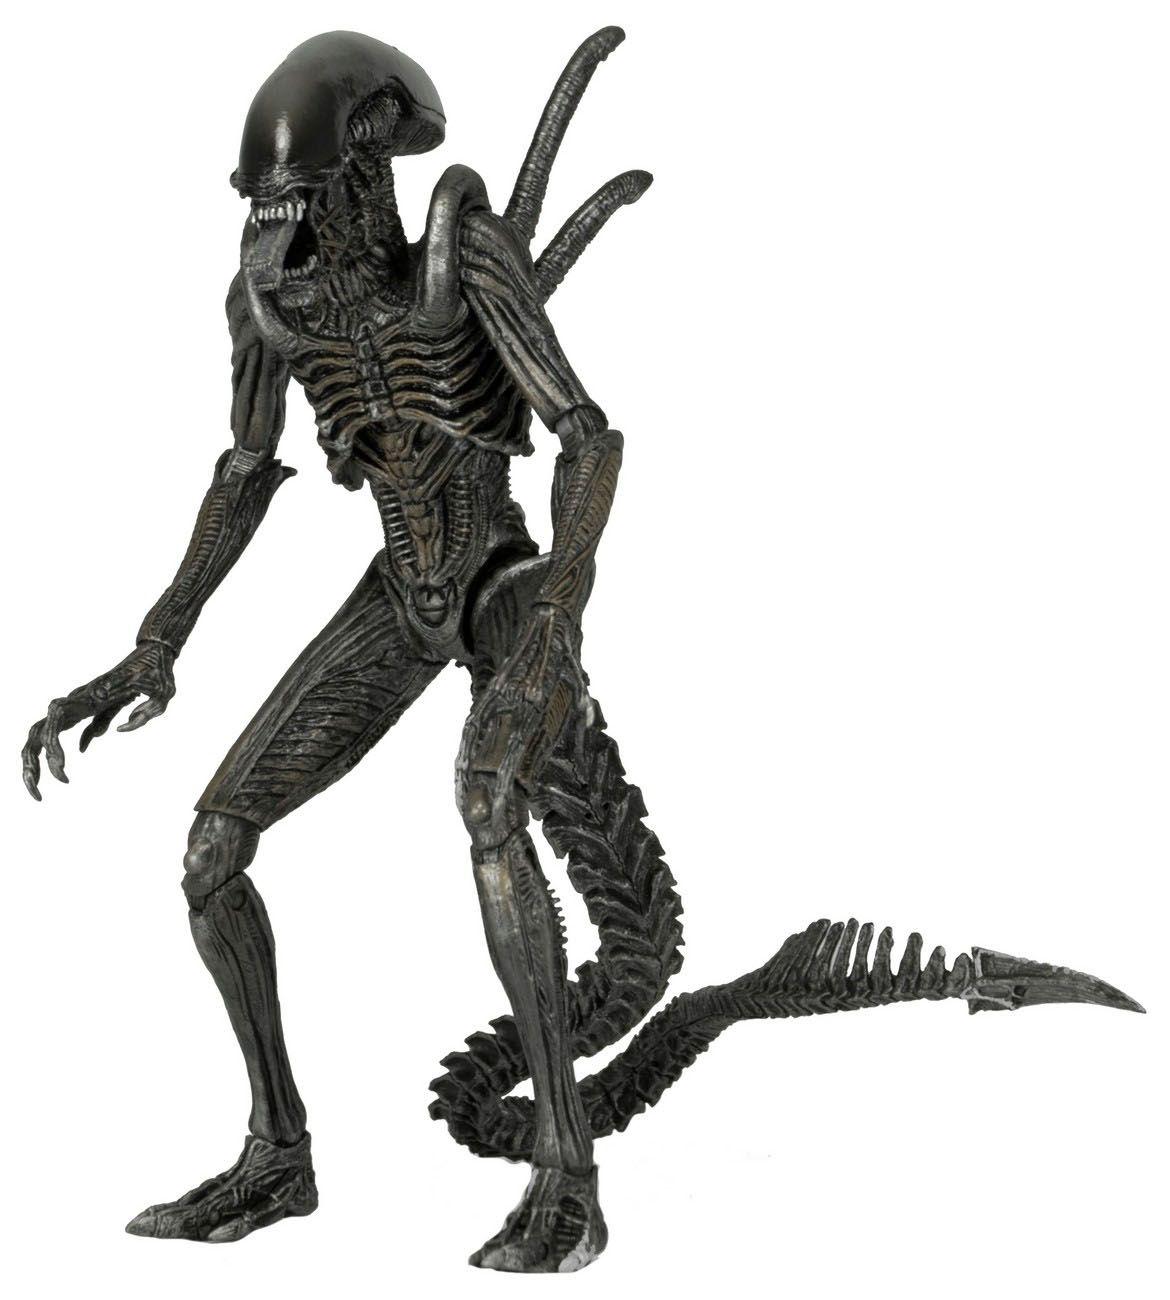 Image Vetrelci Serie 7 Avp Warrior Alien Figurka 0 Jpg